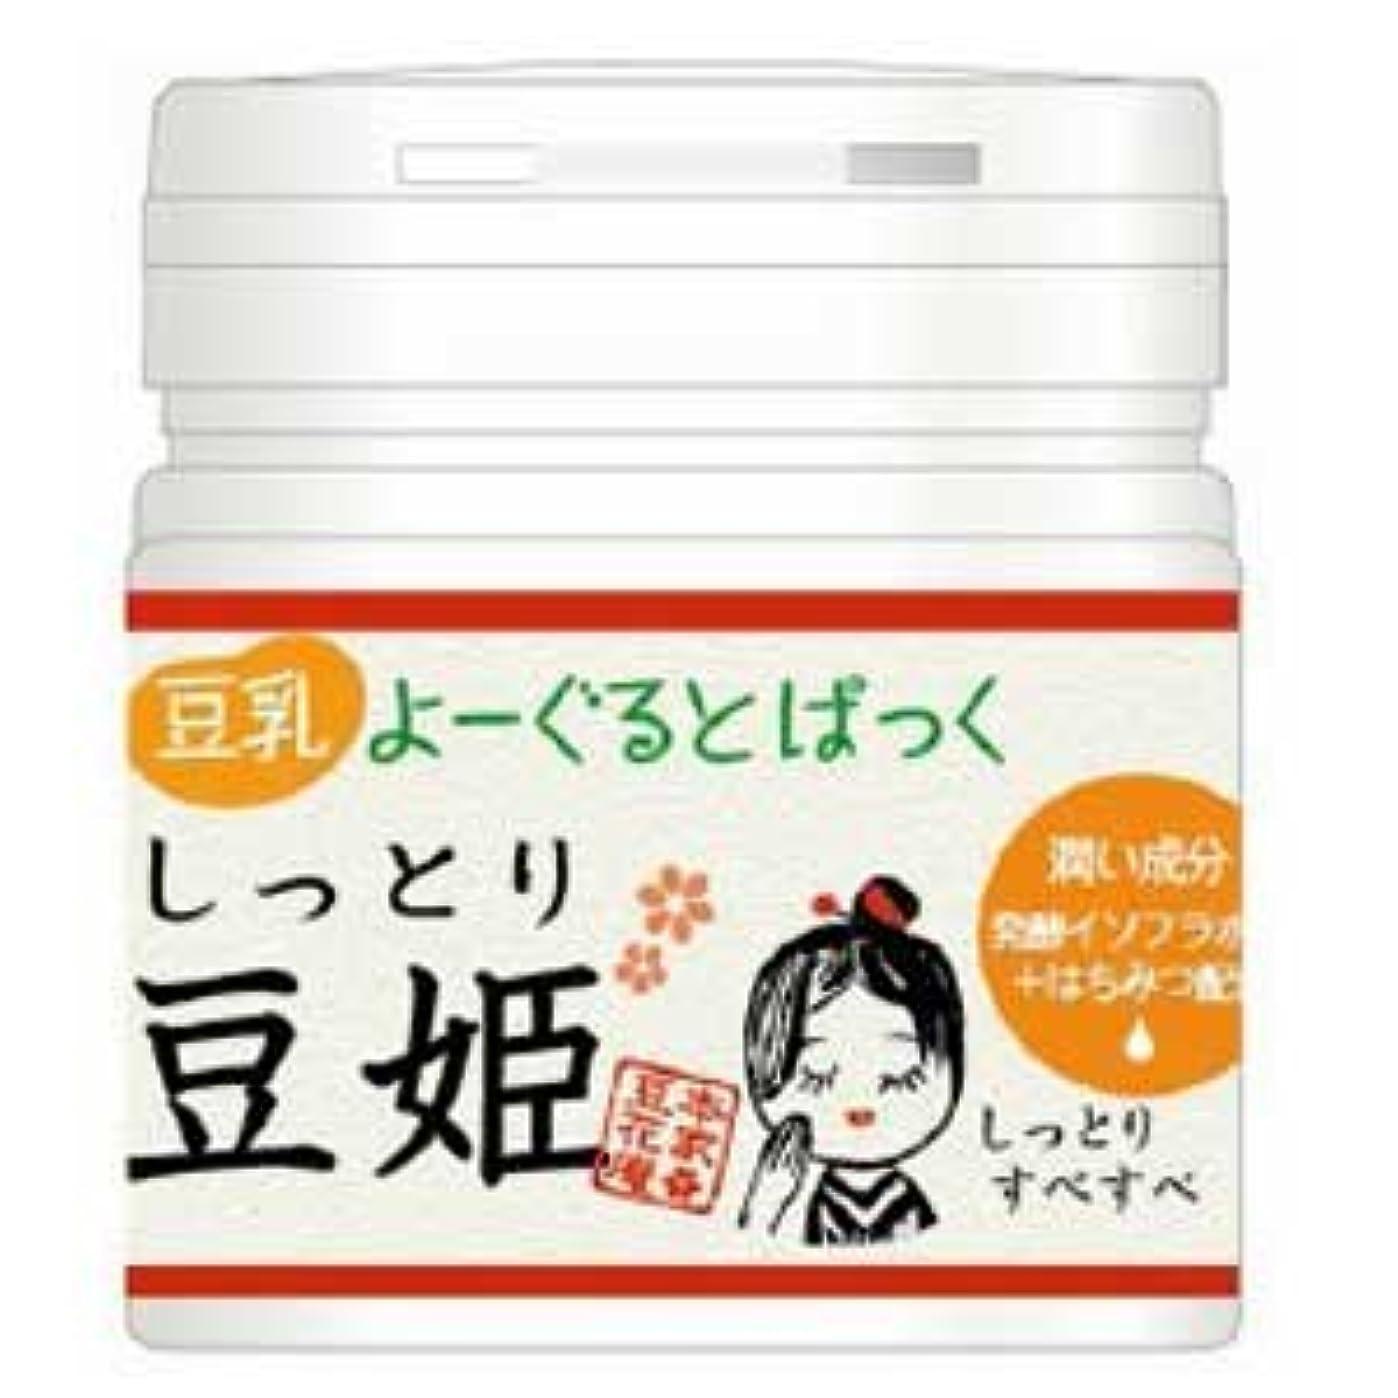 モードモードジョブ※3個セット 豆乳ヨーグルトパック「しっとり豆姫」150g